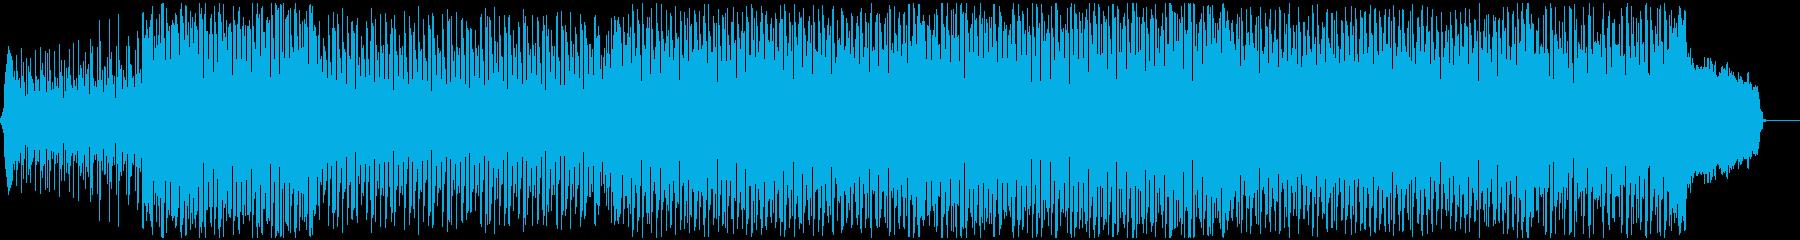 可愛らしいダンスポップ2 声有りの再生済みの波形